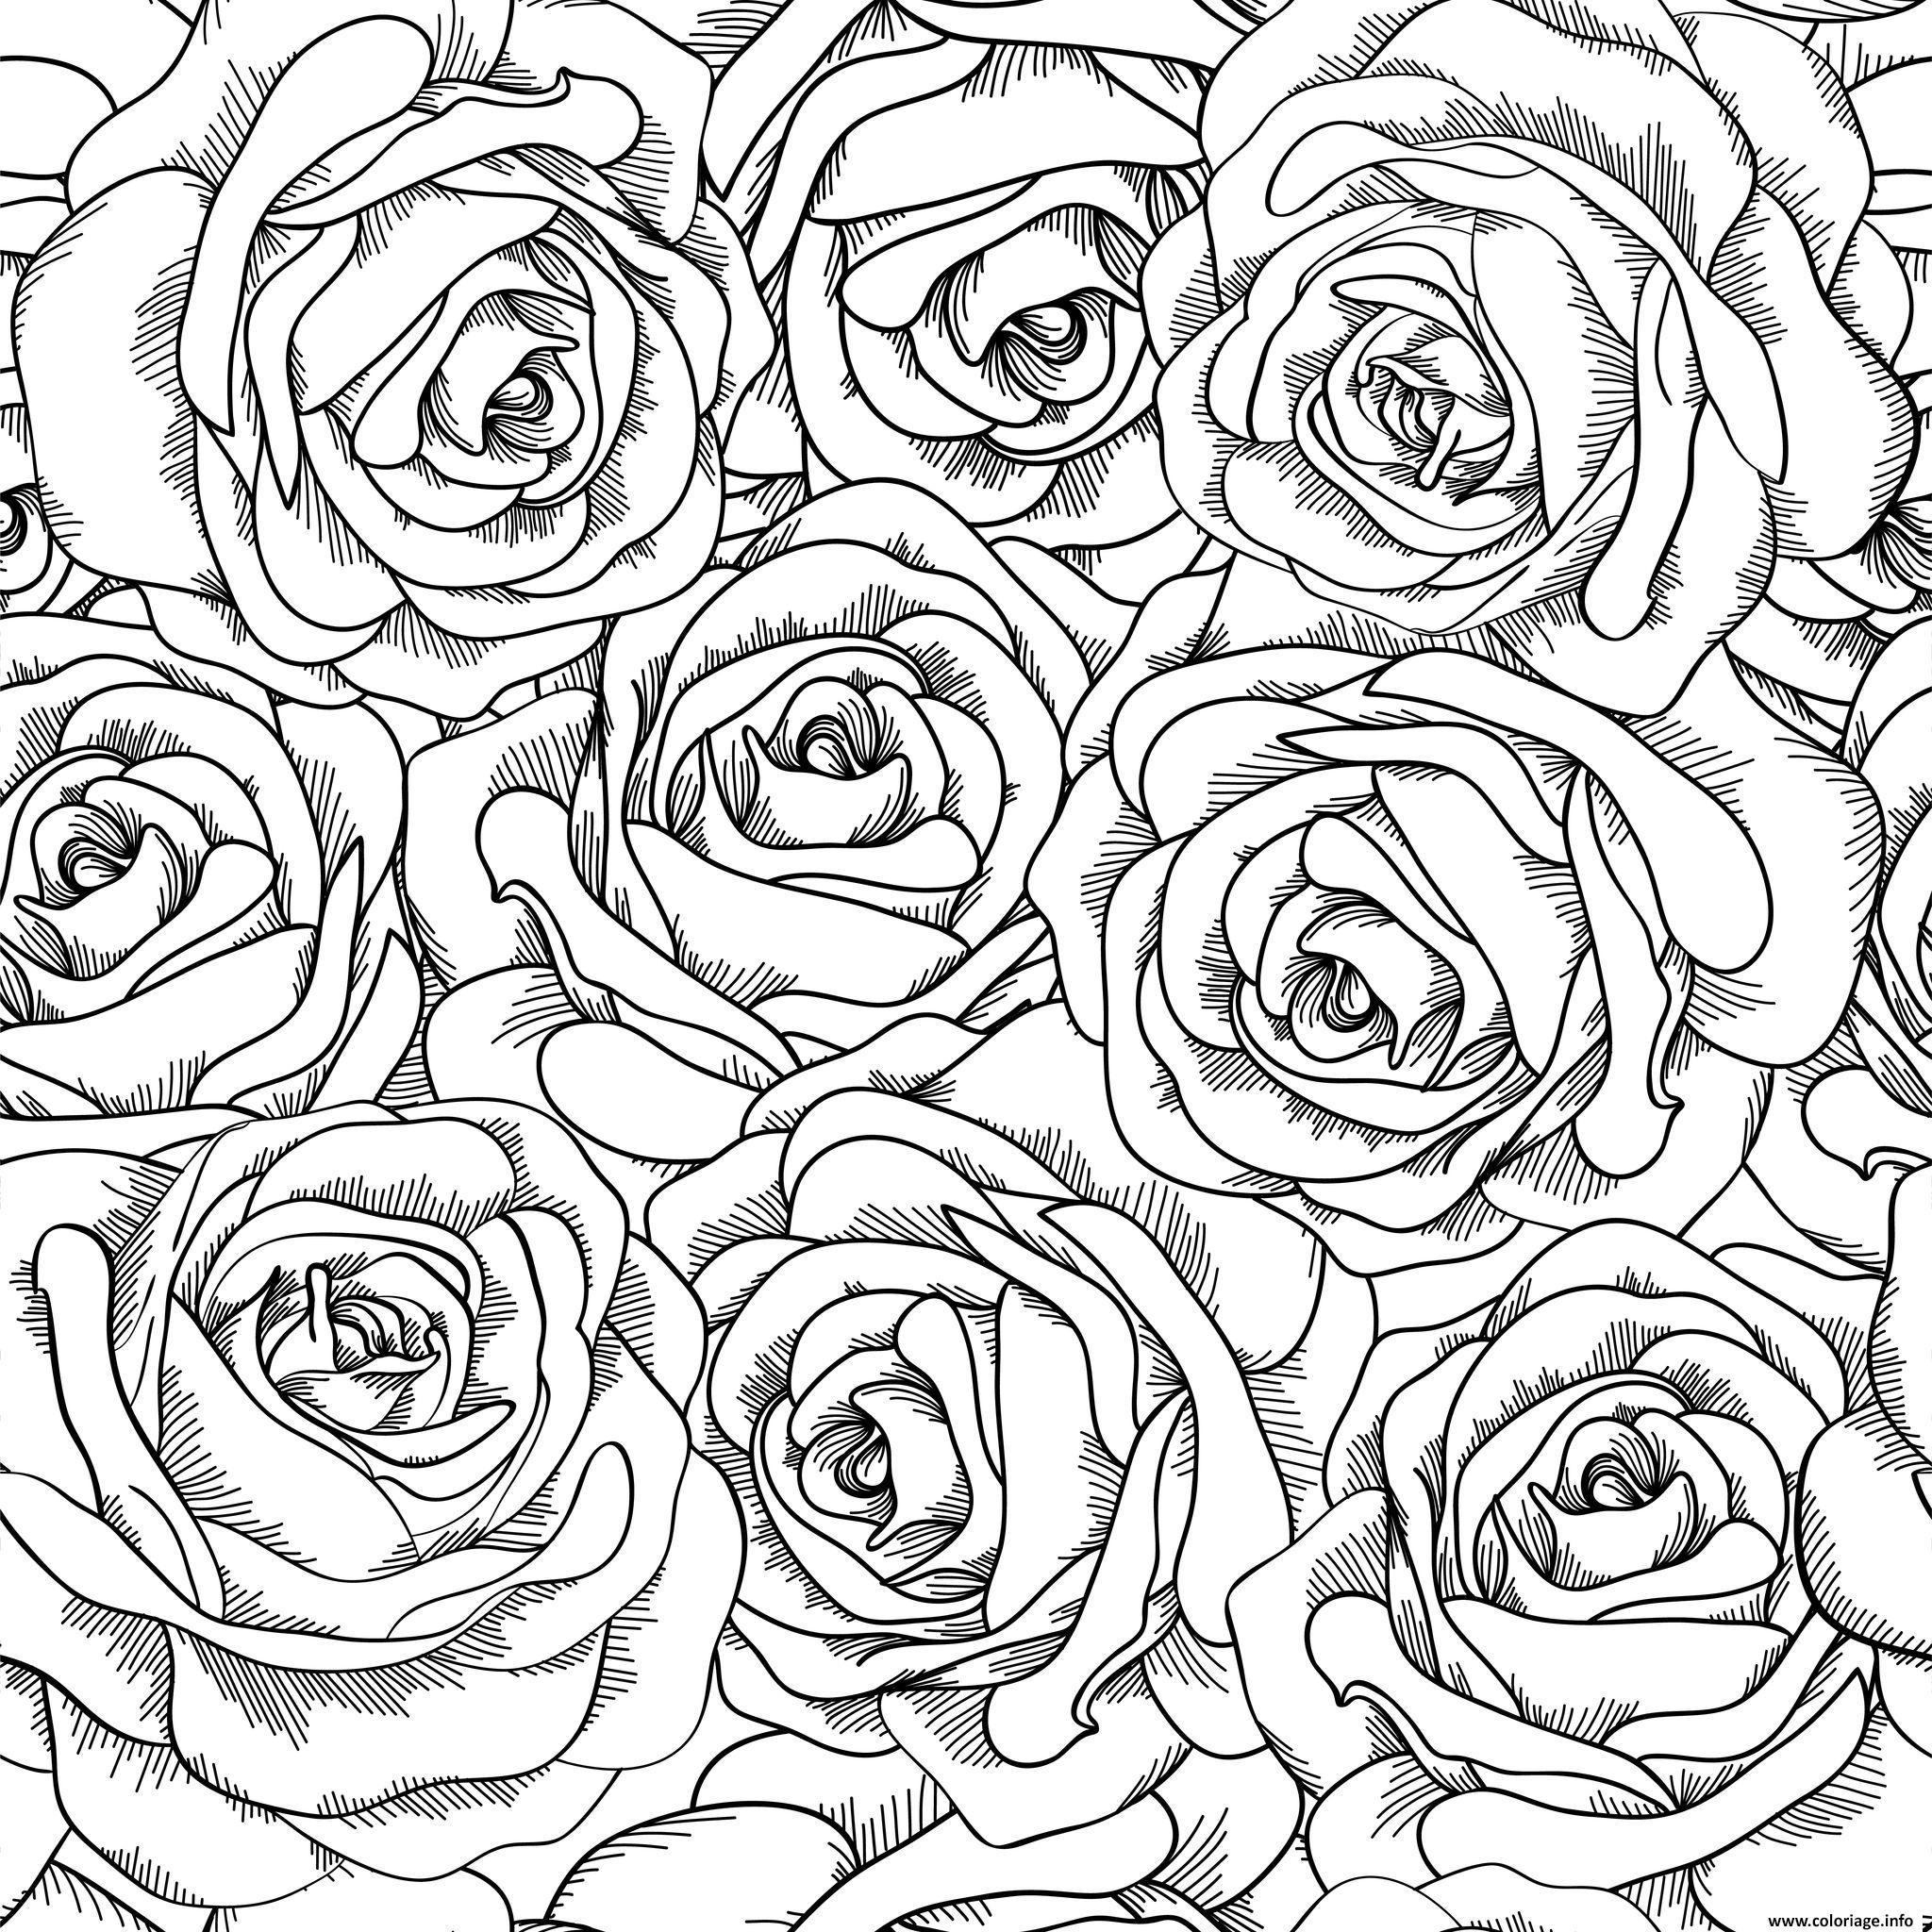 Coloriage Roses Doodle Adulte Amour Dessin St-valentin à ...